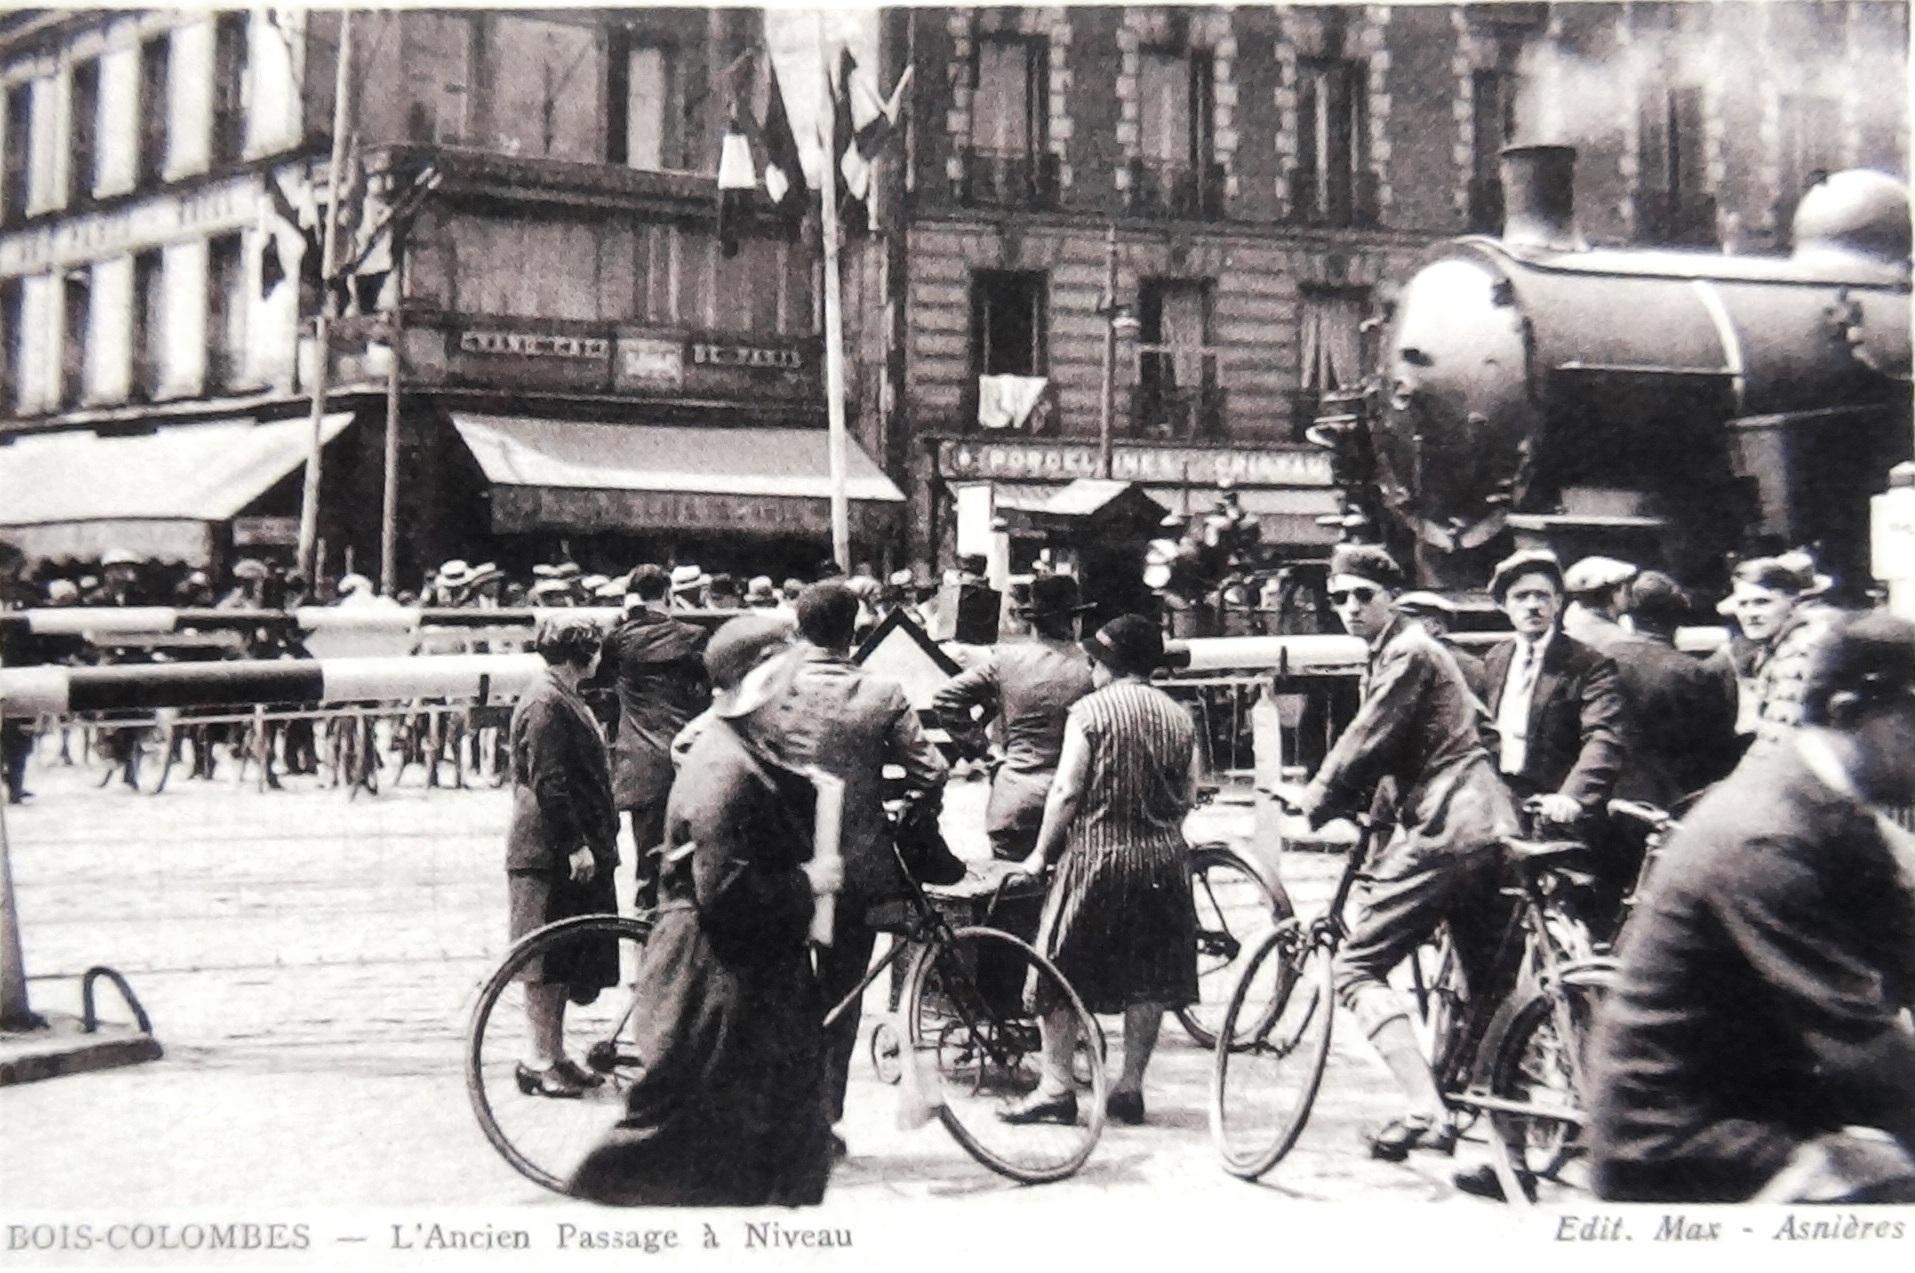 BOISCOLOMBES RUE DES BOURGUIGNONS ~ Rue Des Bourguignons Bois Colombes